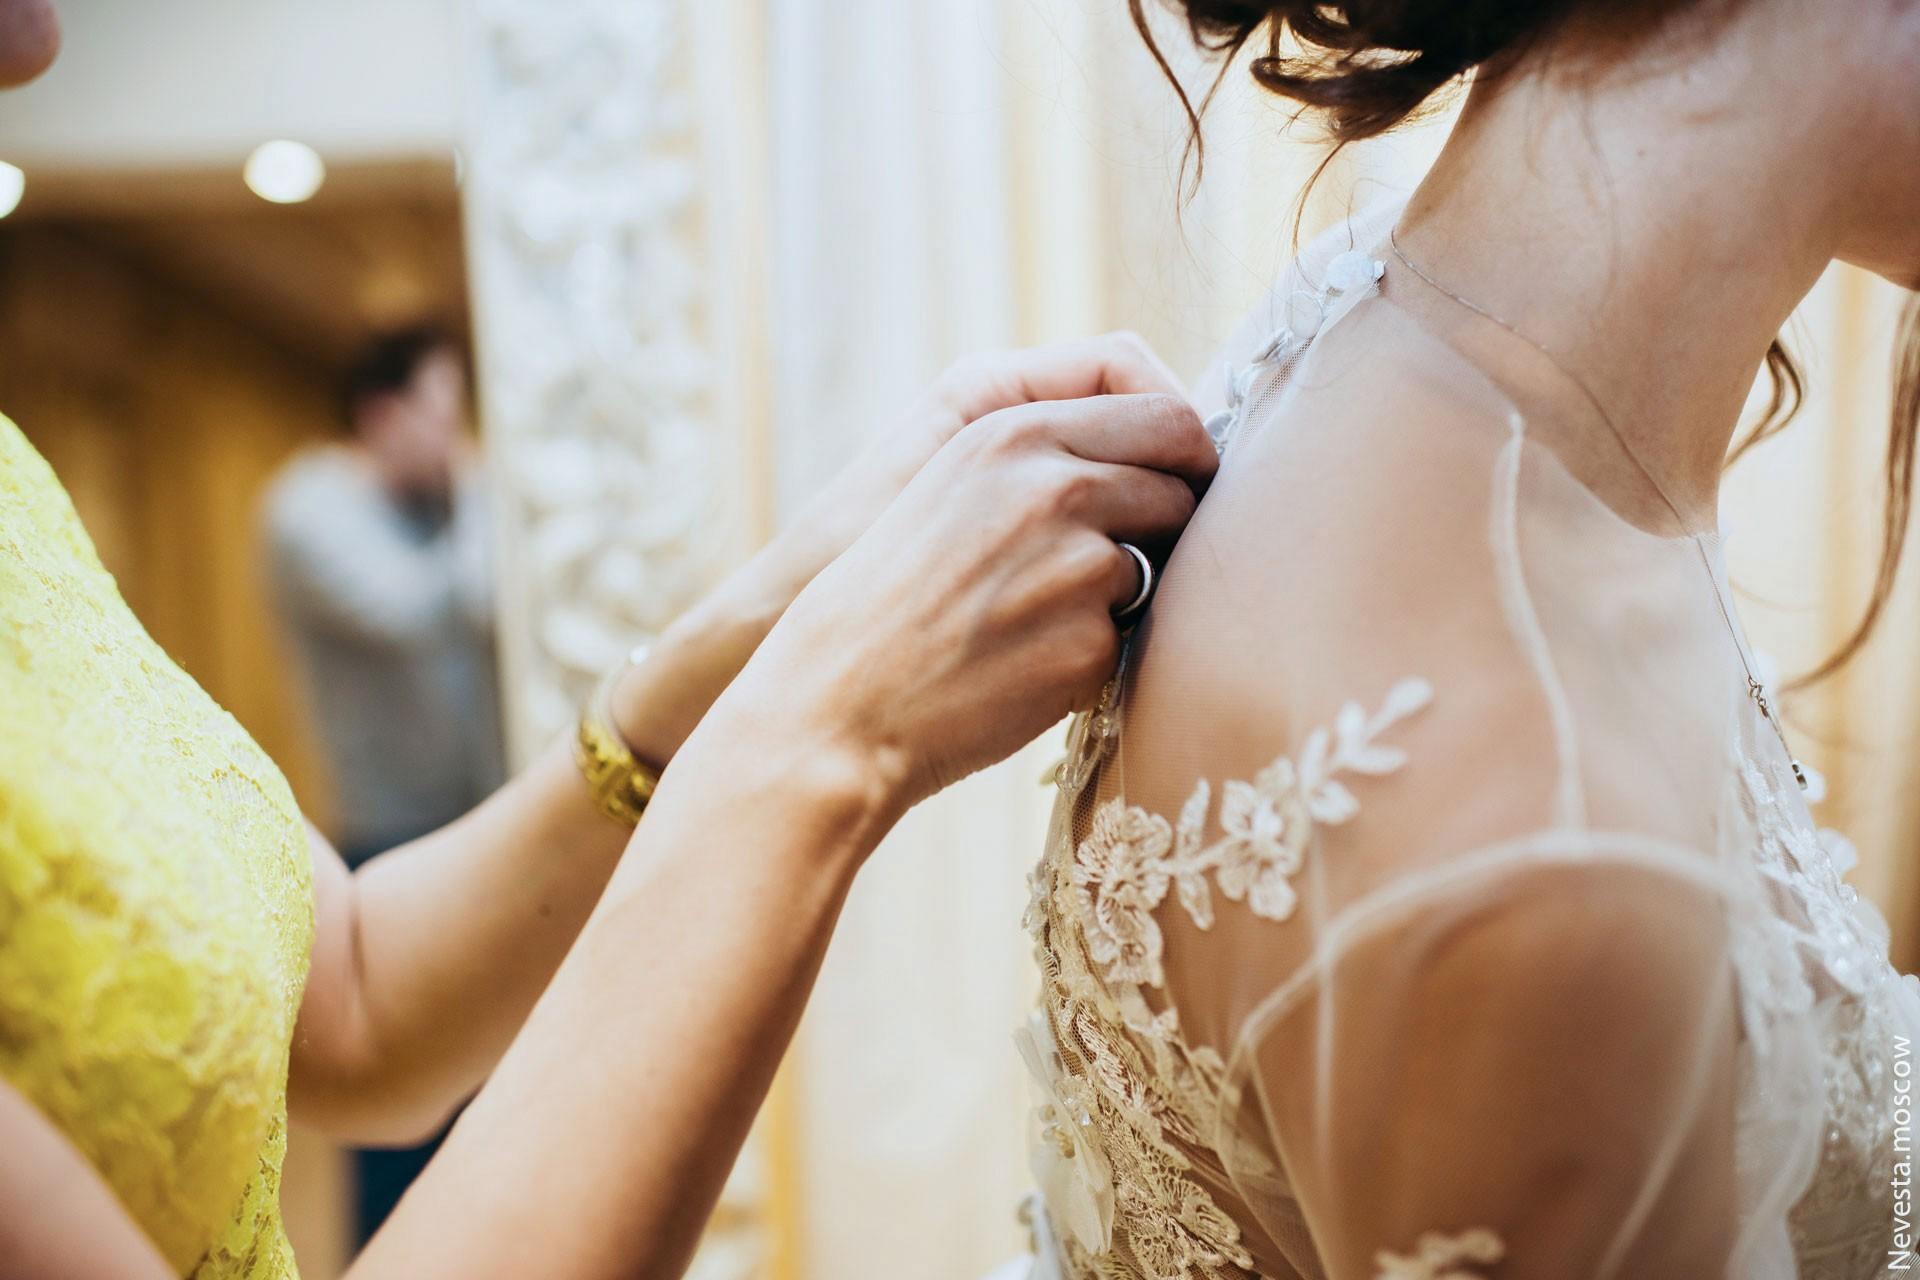 Анна Калашникова выбирает образ для своей свадьбы фото 42